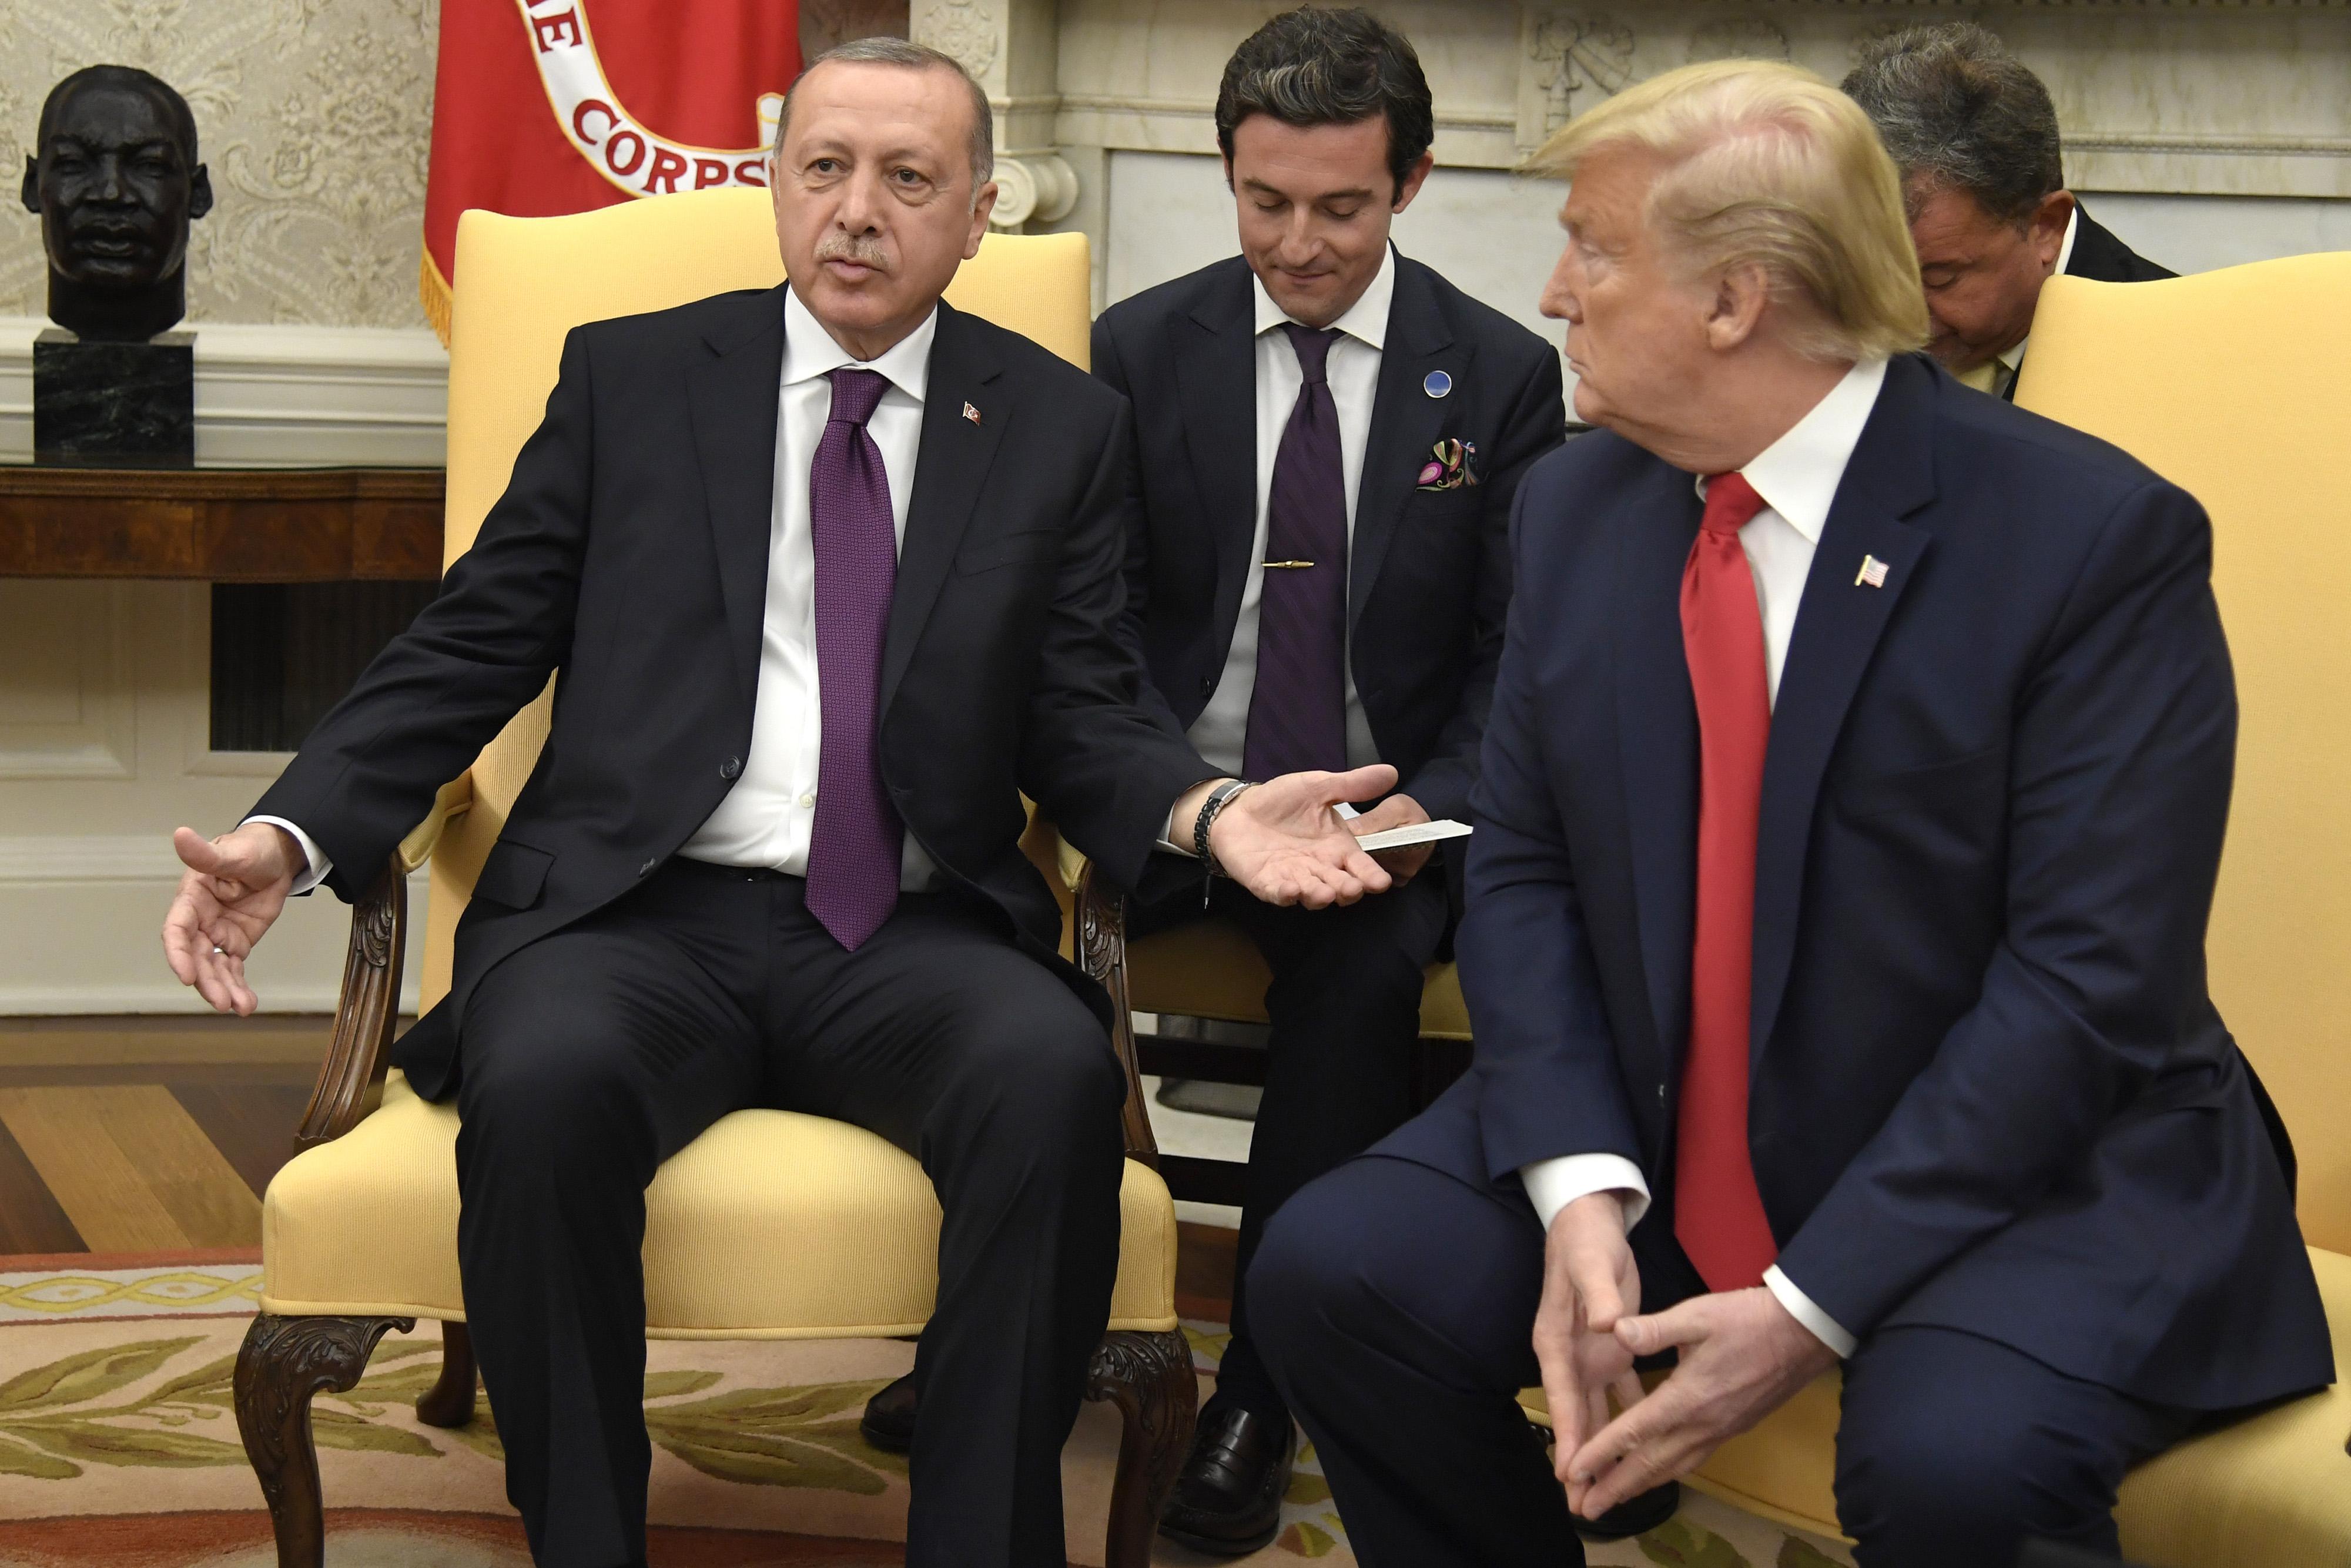 Trump fogadta Erdogant, akit régi jó barátjának nevezett